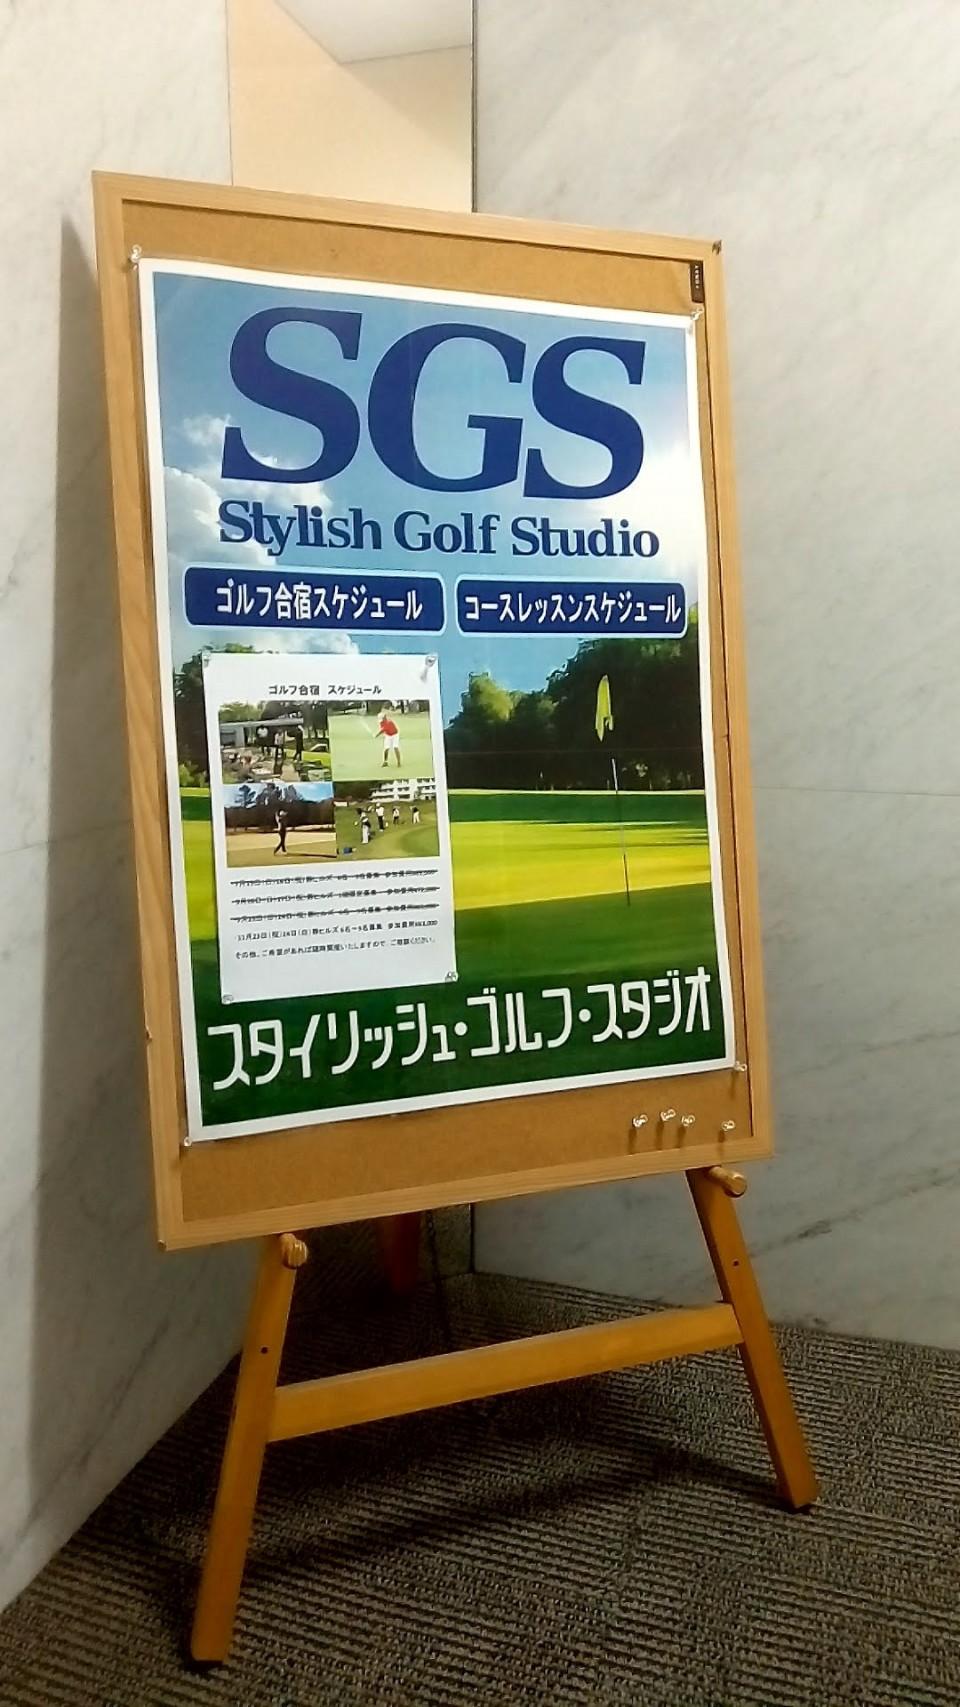 スタイリッシュ・ゴルフ・スタジオの写真15